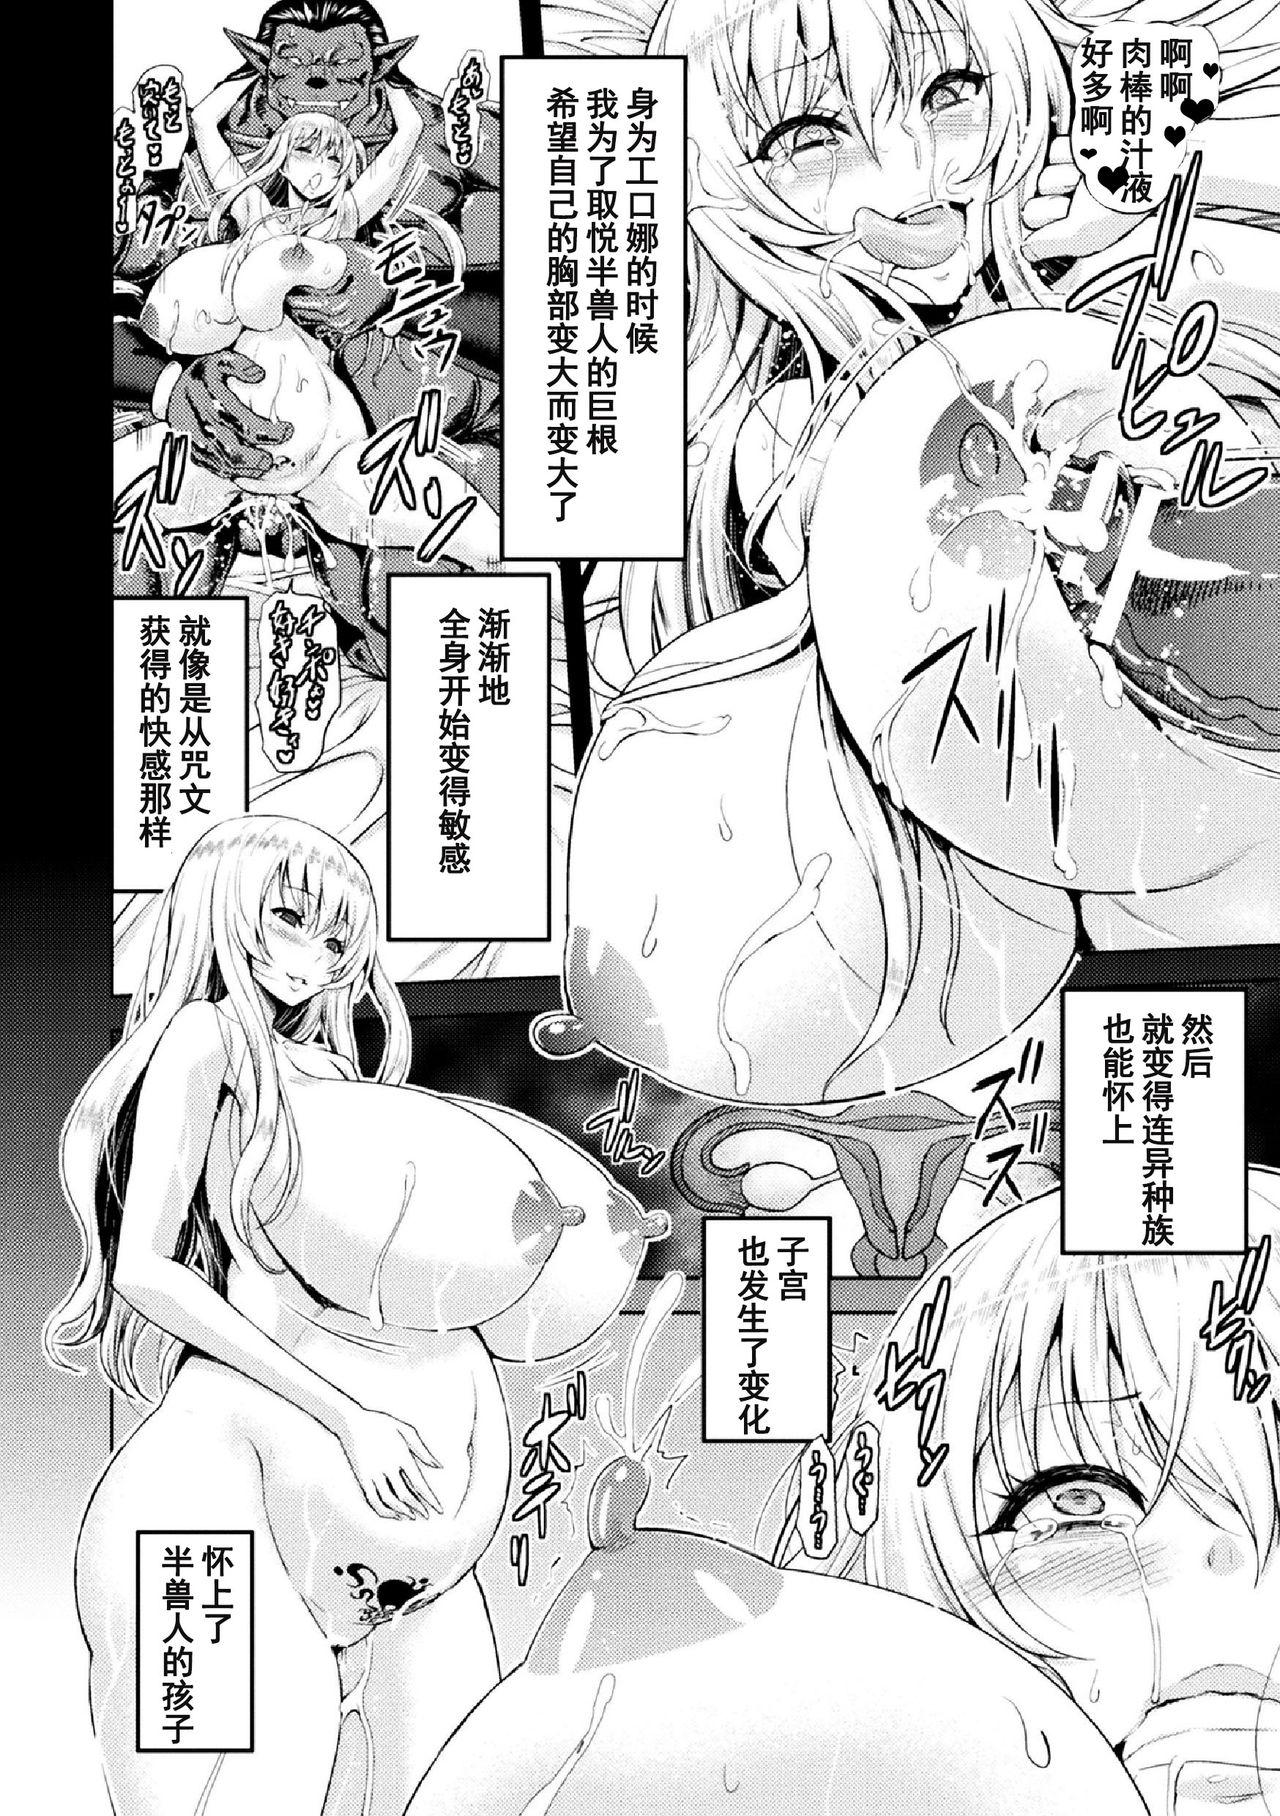 ERONA Orc no Inmon ni Okasareta Onna Kishi no Matsuro Ch. 1-5 123